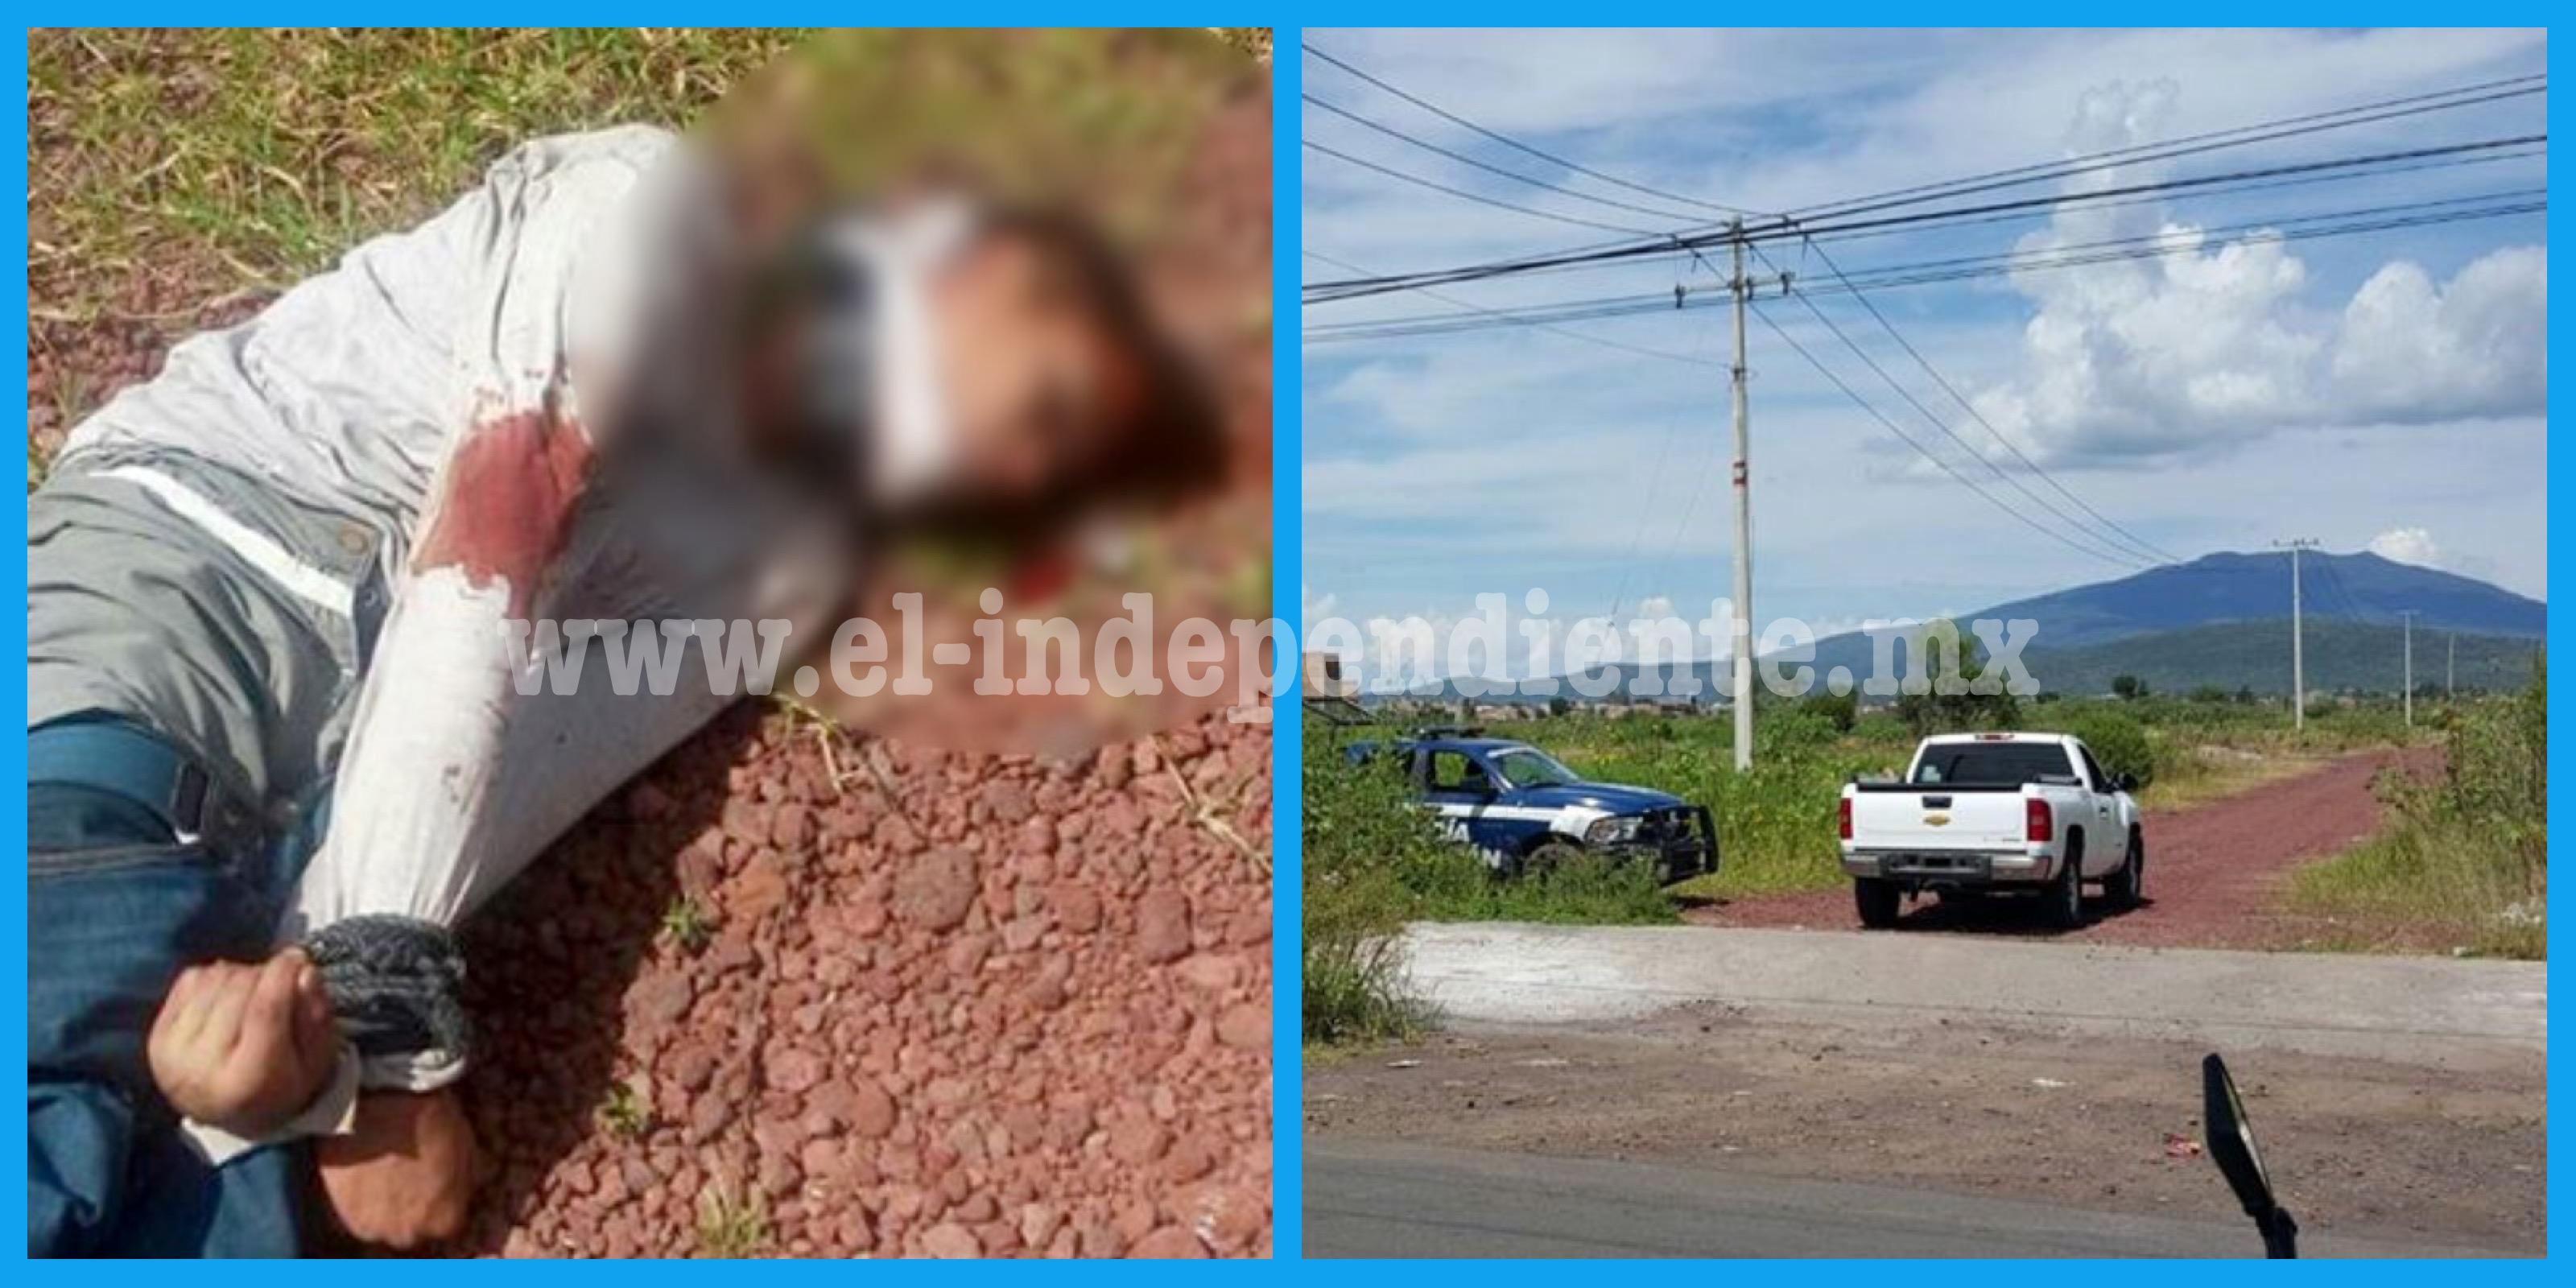 Continúan los homicidios en Zamora; encuentran cadáver maniatado en una brecha cercana al Real de Minas